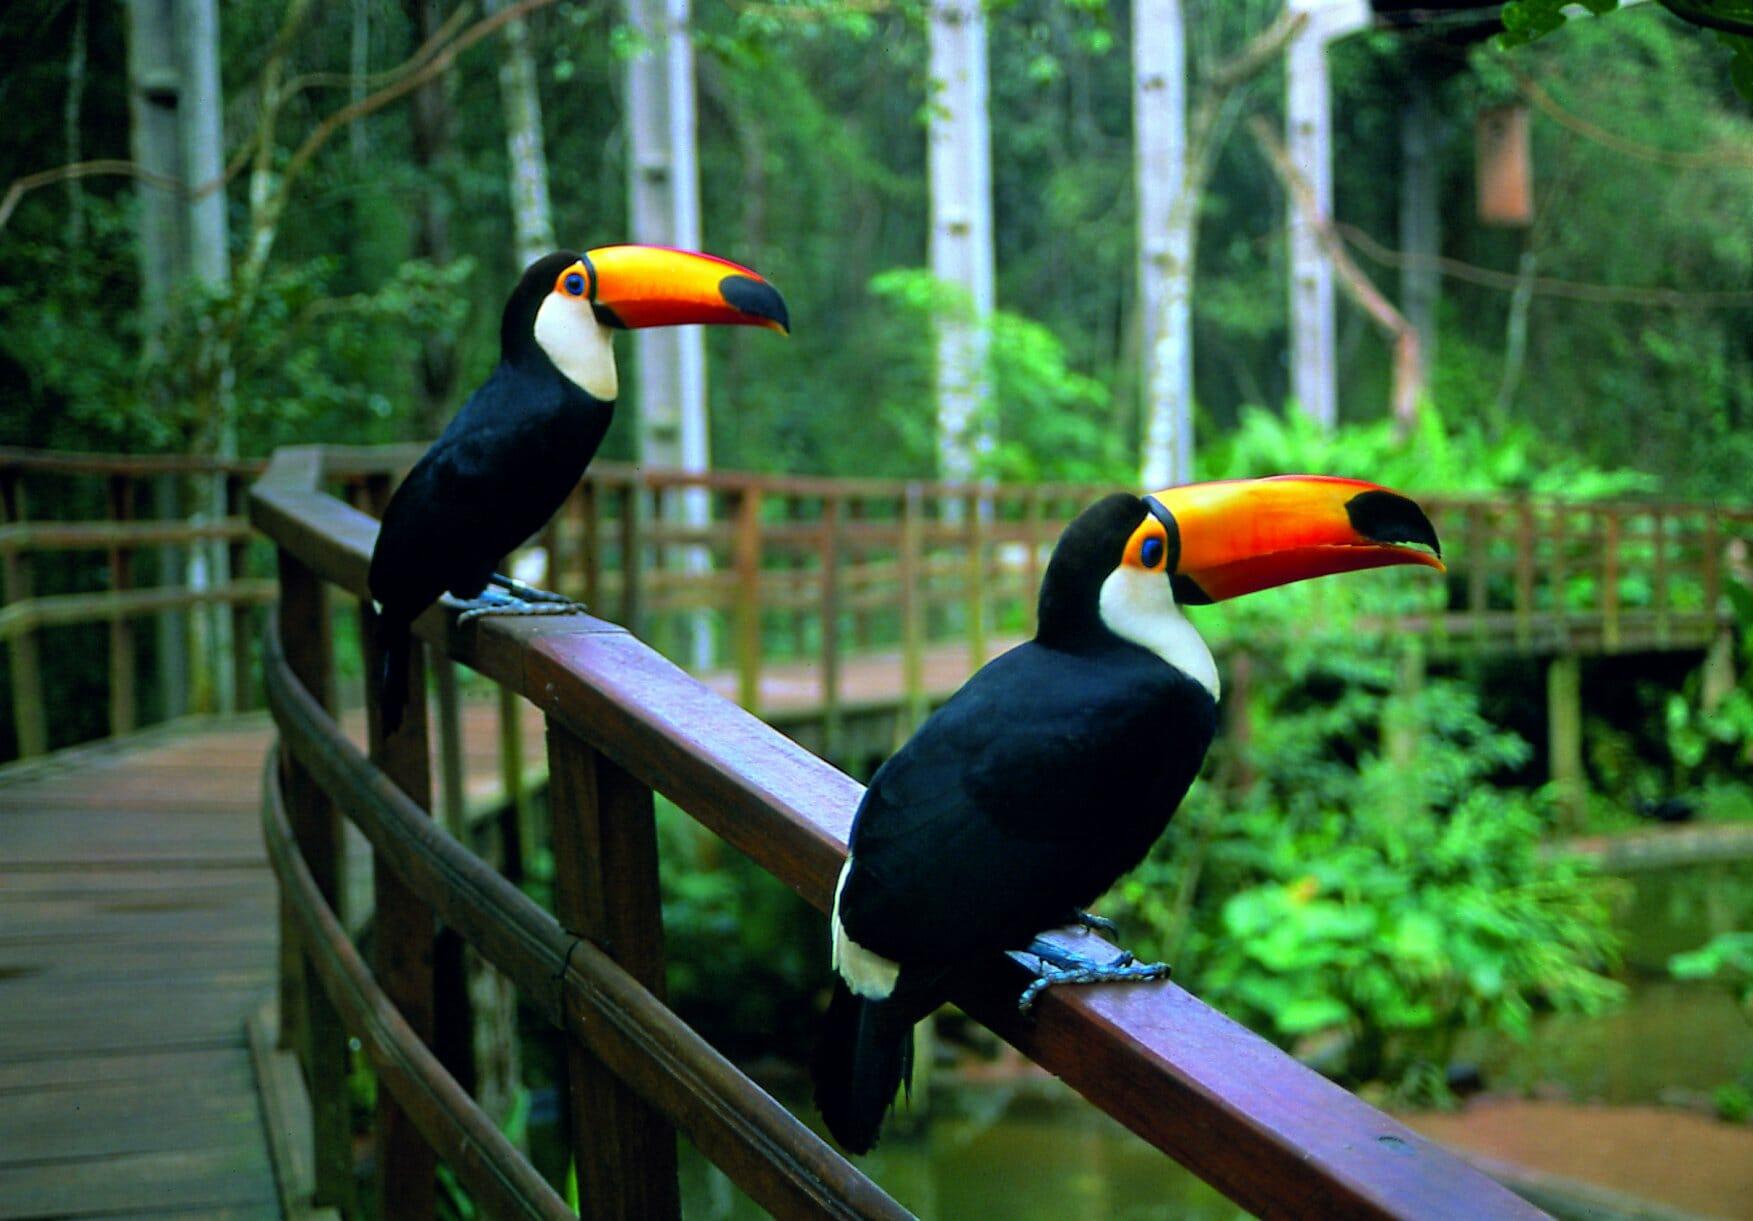 Novidade: Parque das Aves inaugura mais um atrativo tucano